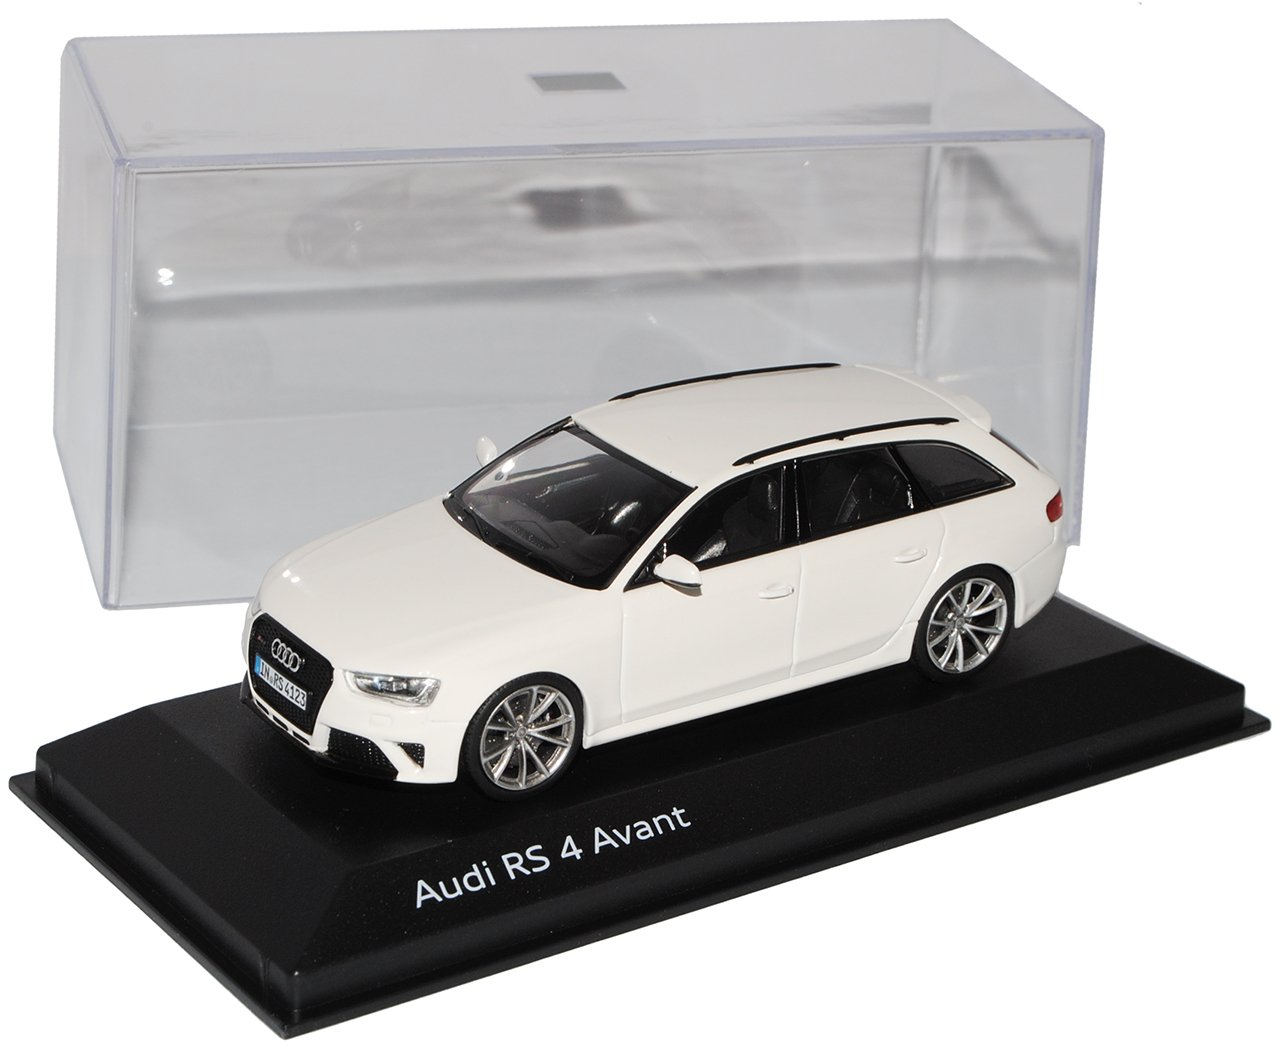 Minichamps Audi A4 RS4 B8 Avant Ibis Weiss Ab 2012 1/43 Modell Auto mit individiuellem Wunschkennzeichen